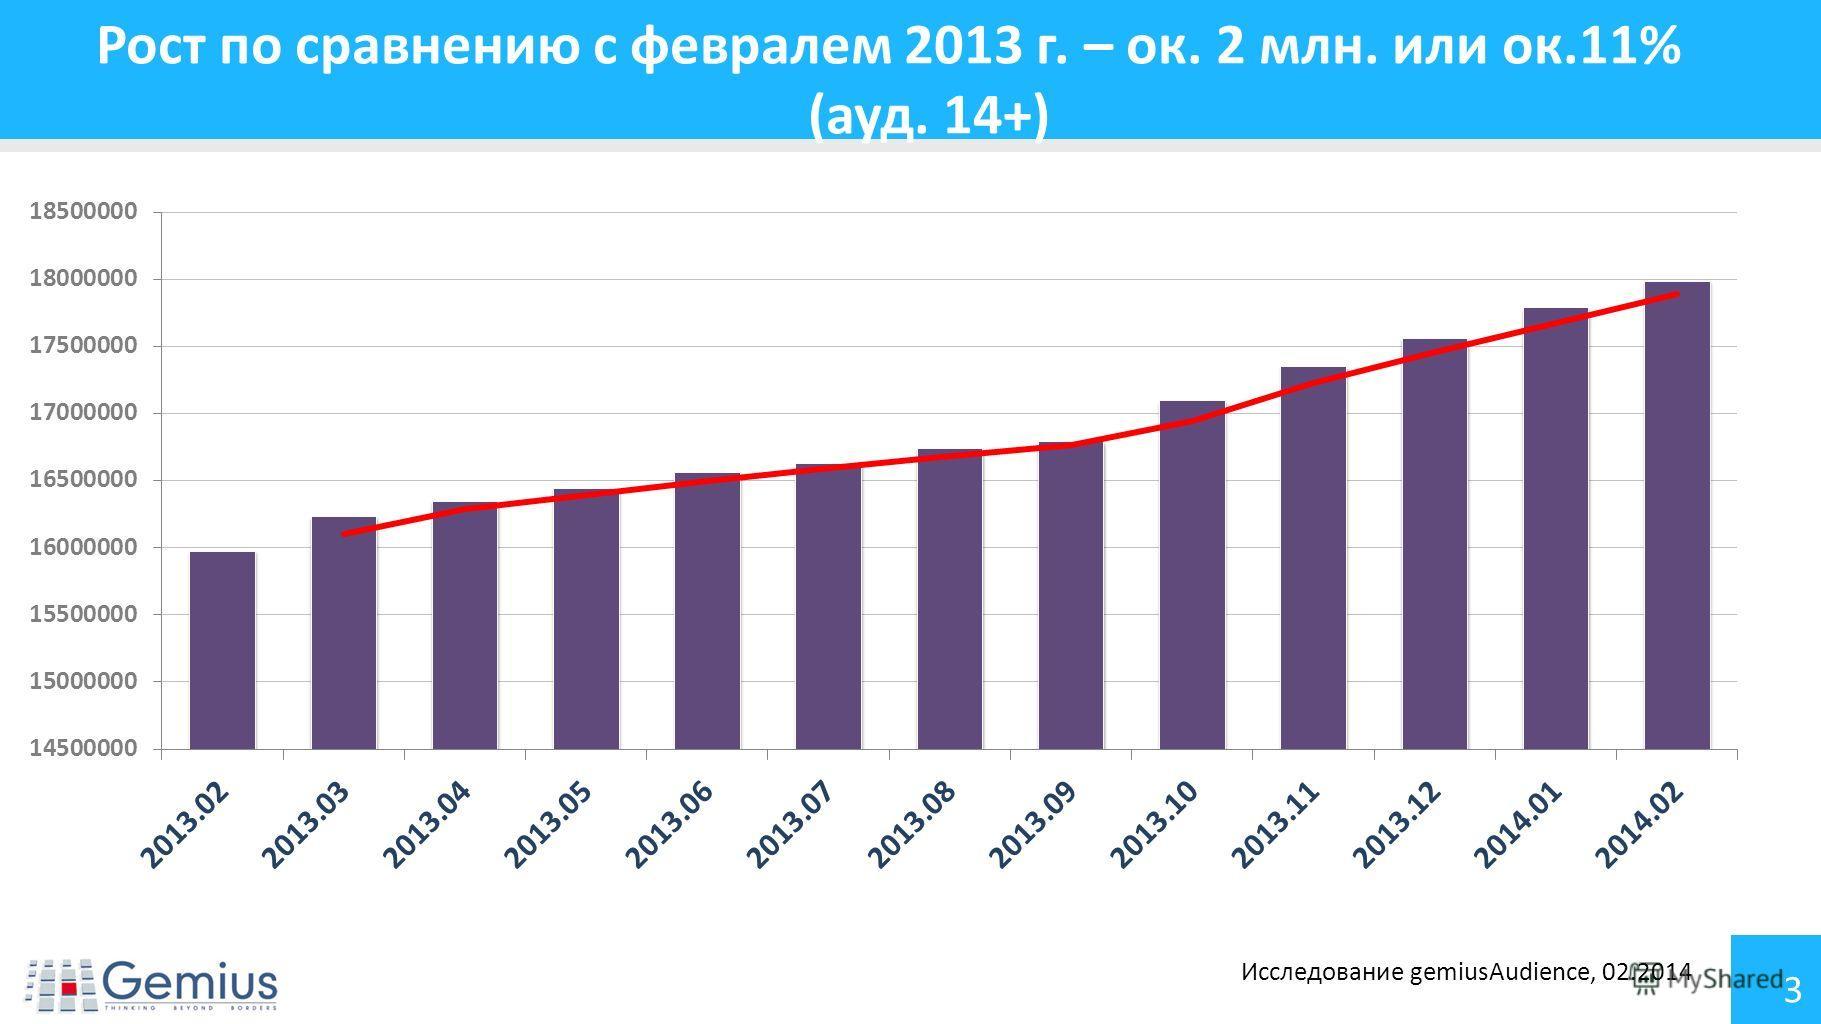 3 Рост по сравнению с февралем 2013 г. – ок. 2 млн. или ок.11% (ауд. 14+) Исследование gemiusAudience, 02.2014